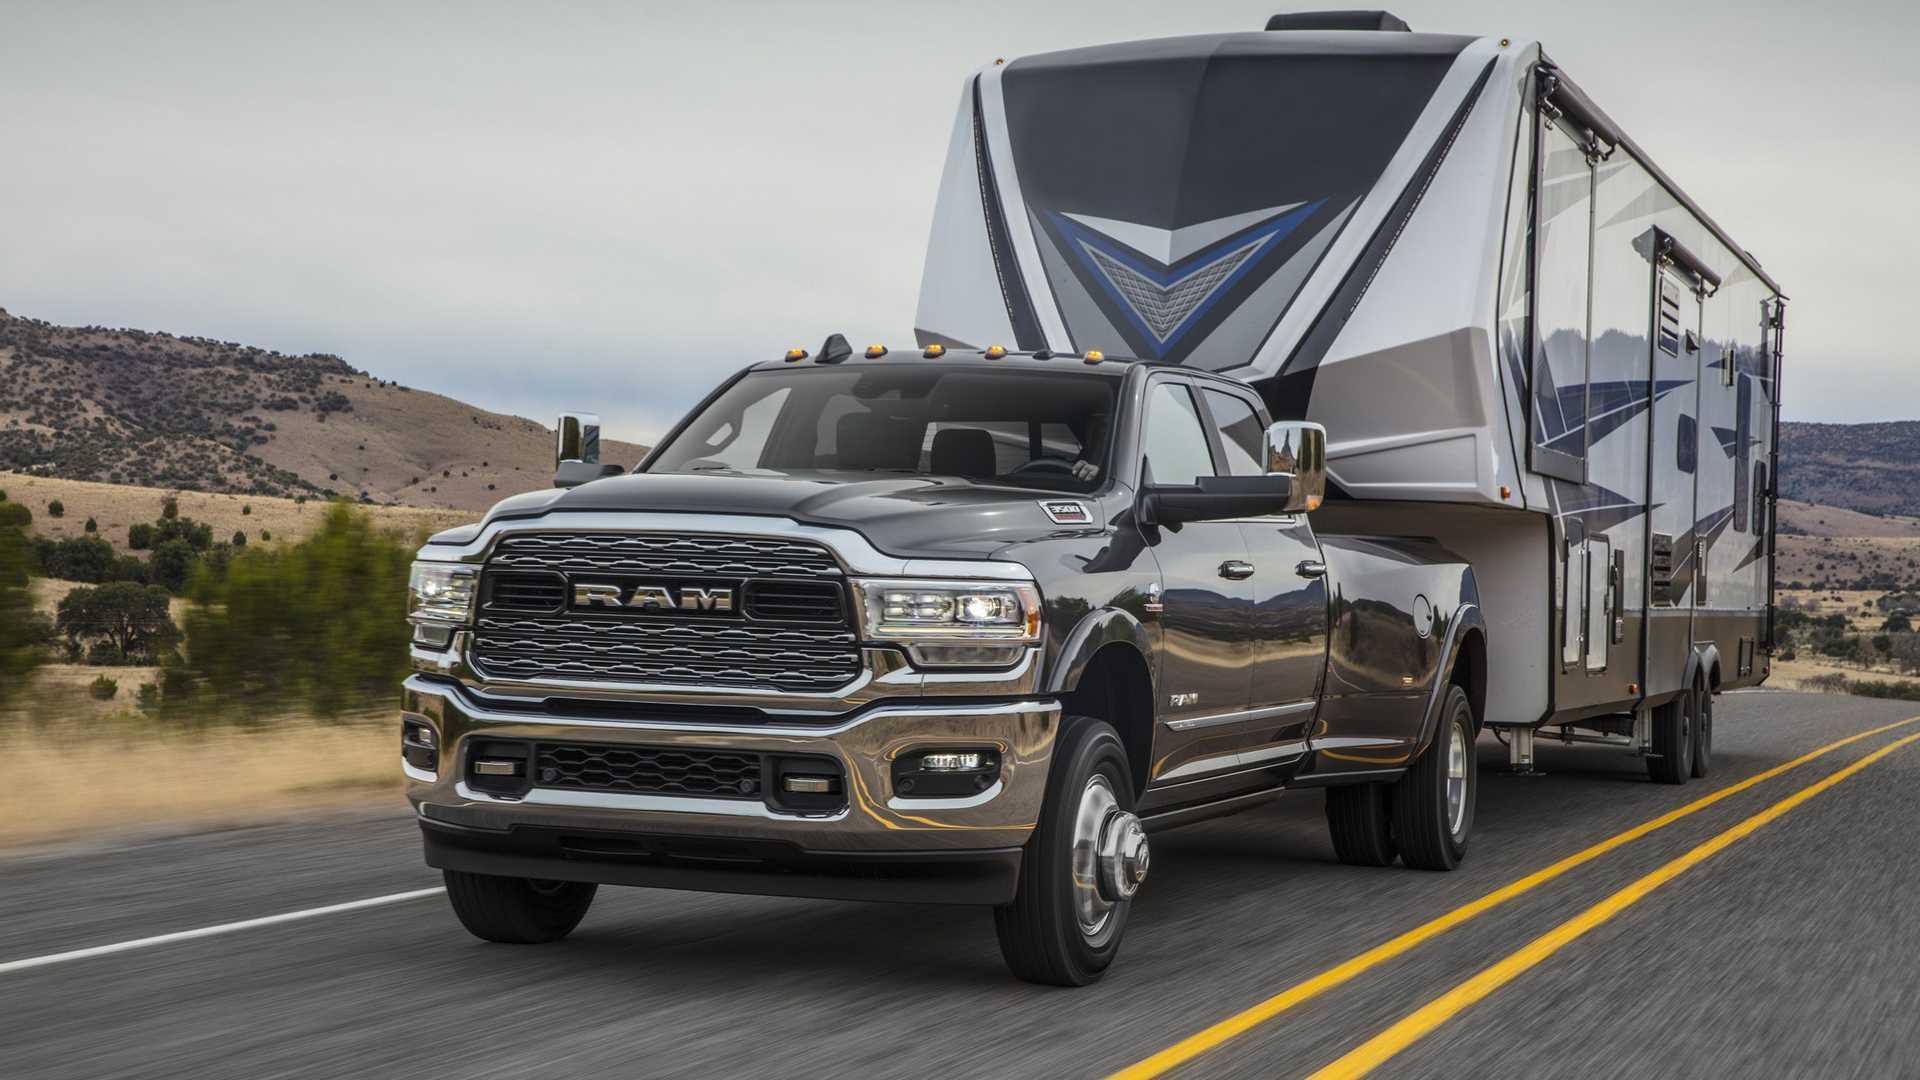 2019-ram-heavy-duty-exterior (60)